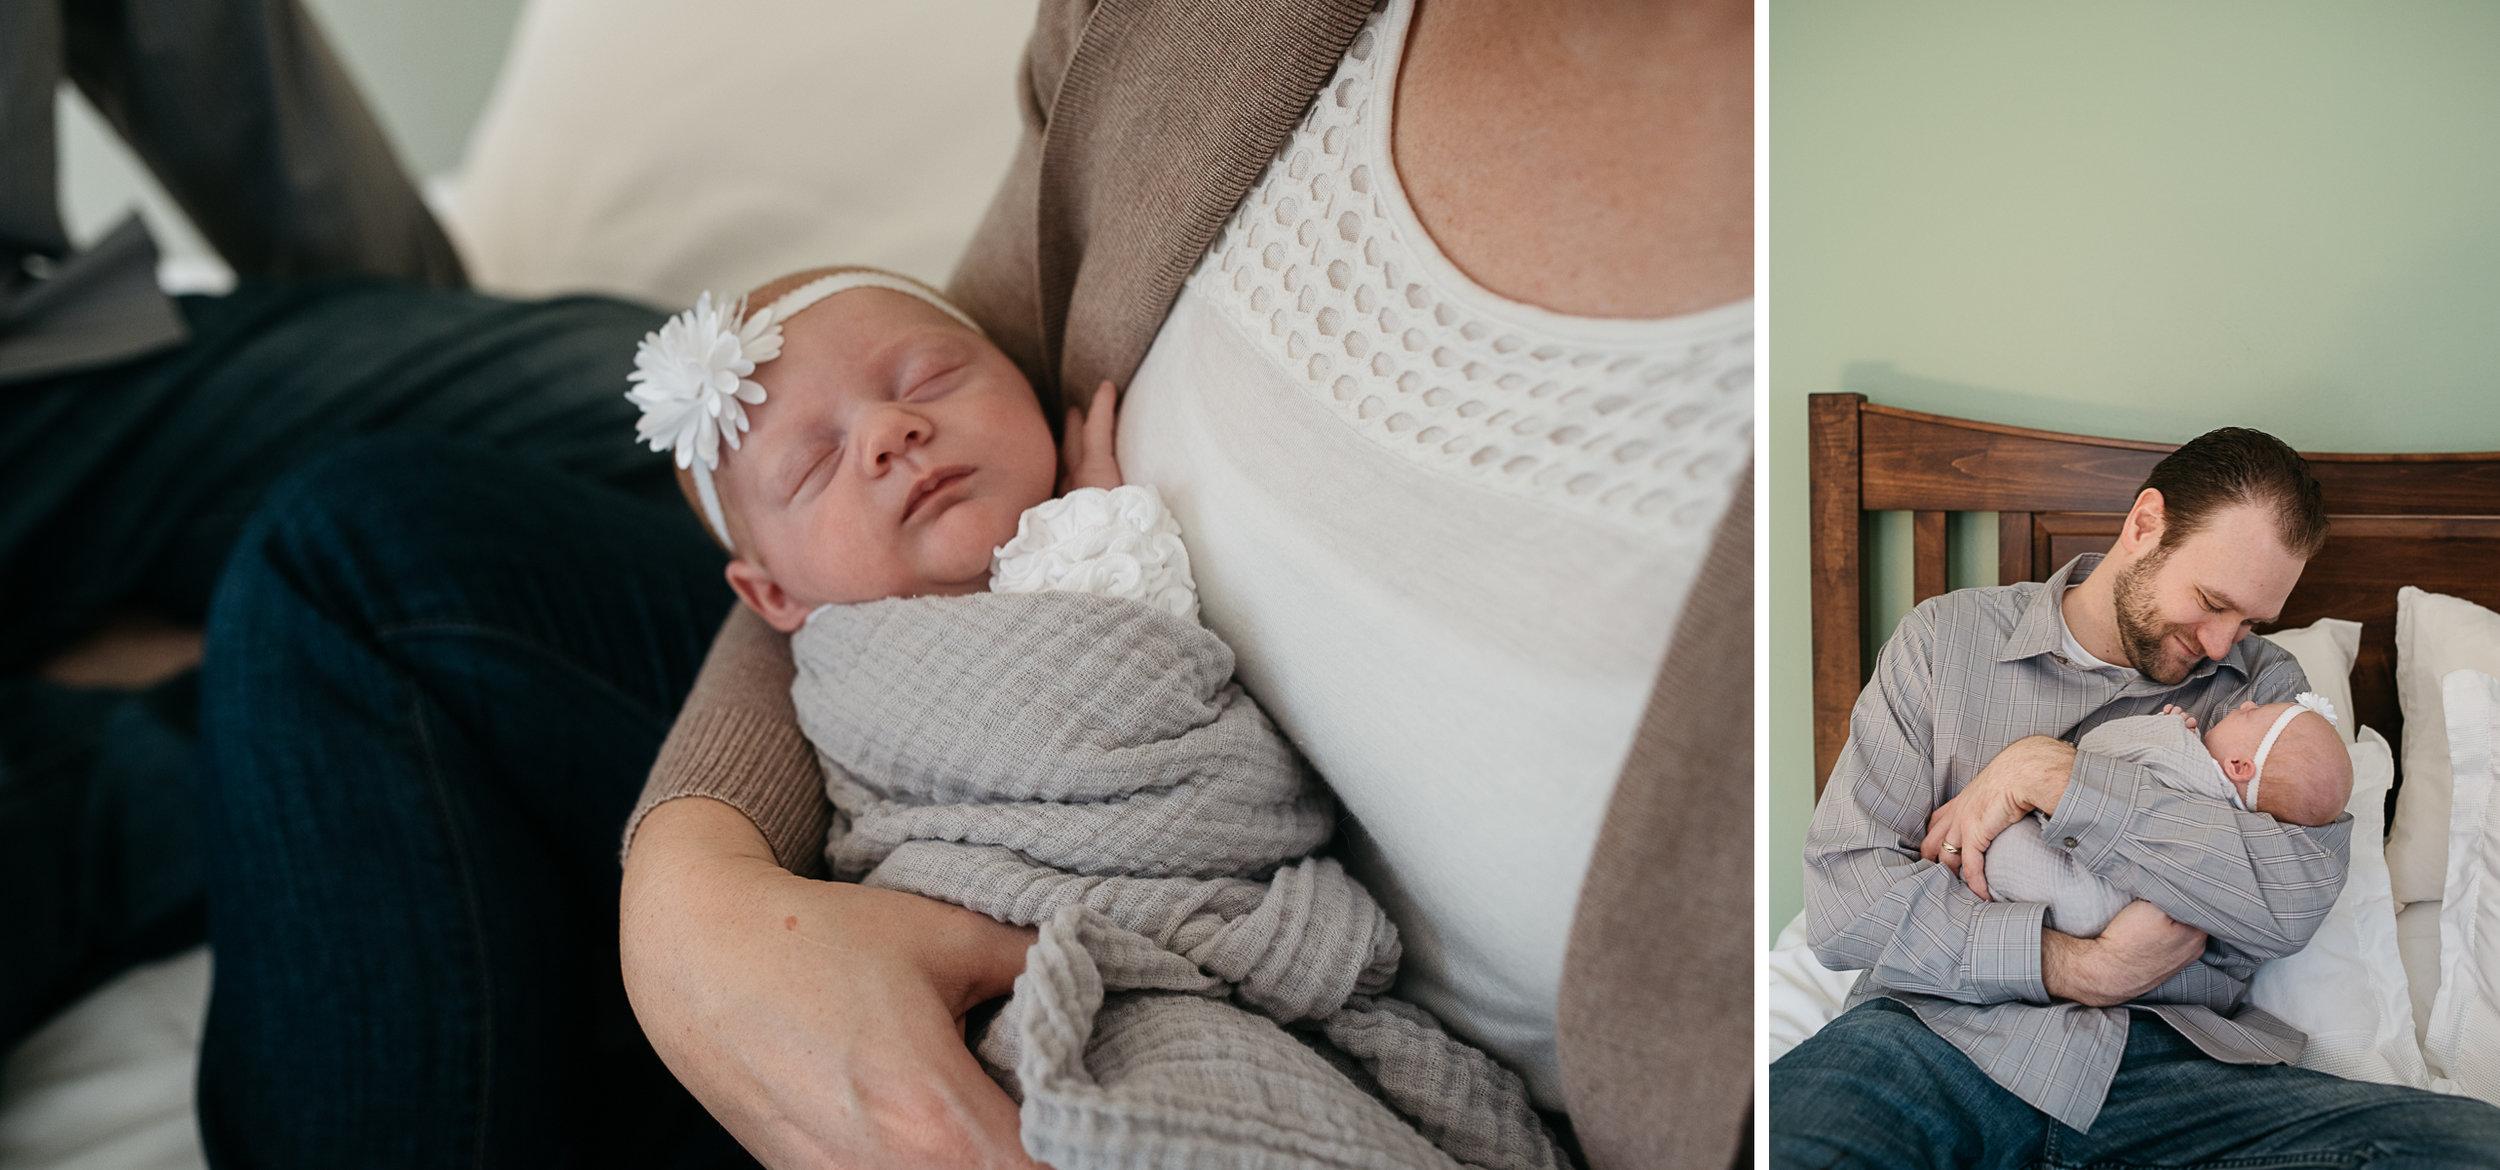 ligonier family and newborn photographer mariah fisher photography.jpg